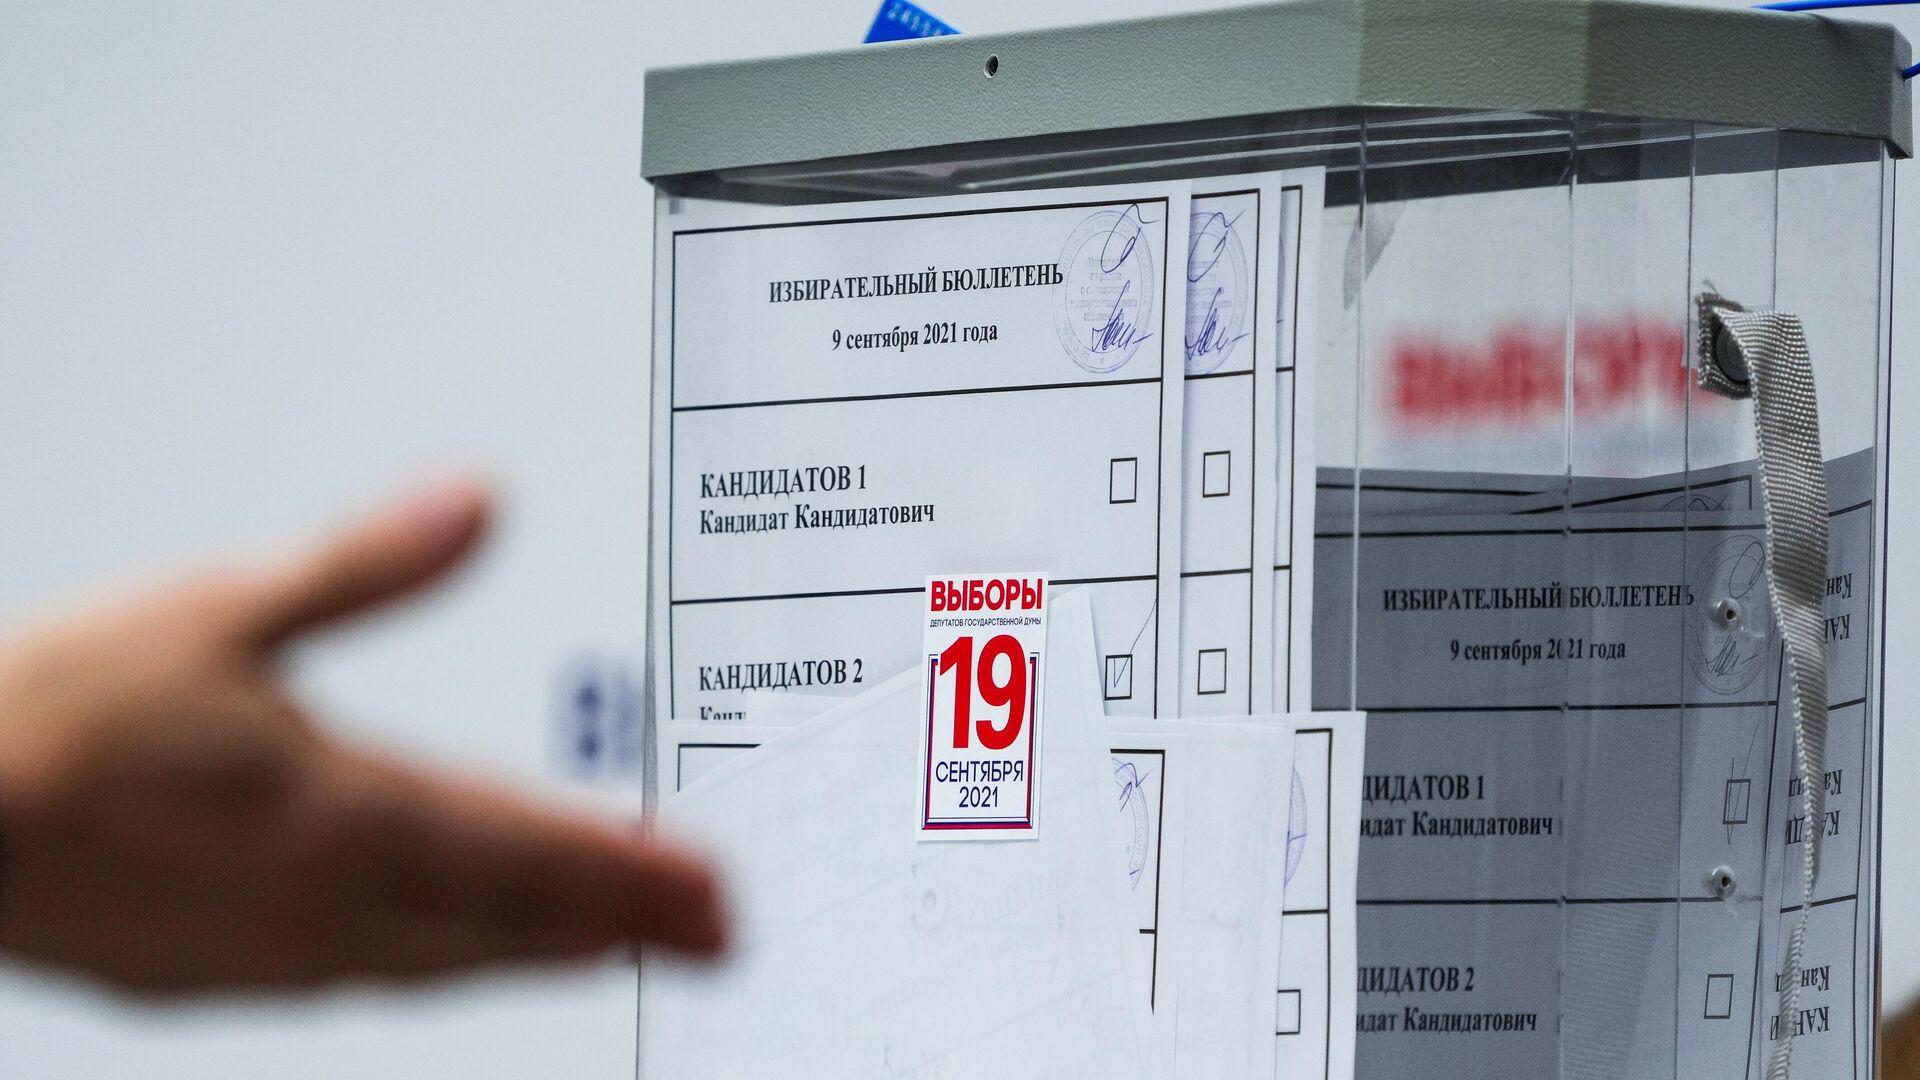 Открытое тестовое голосование в ЦИК России  - РИА Новости, 1920, 13.09.2021